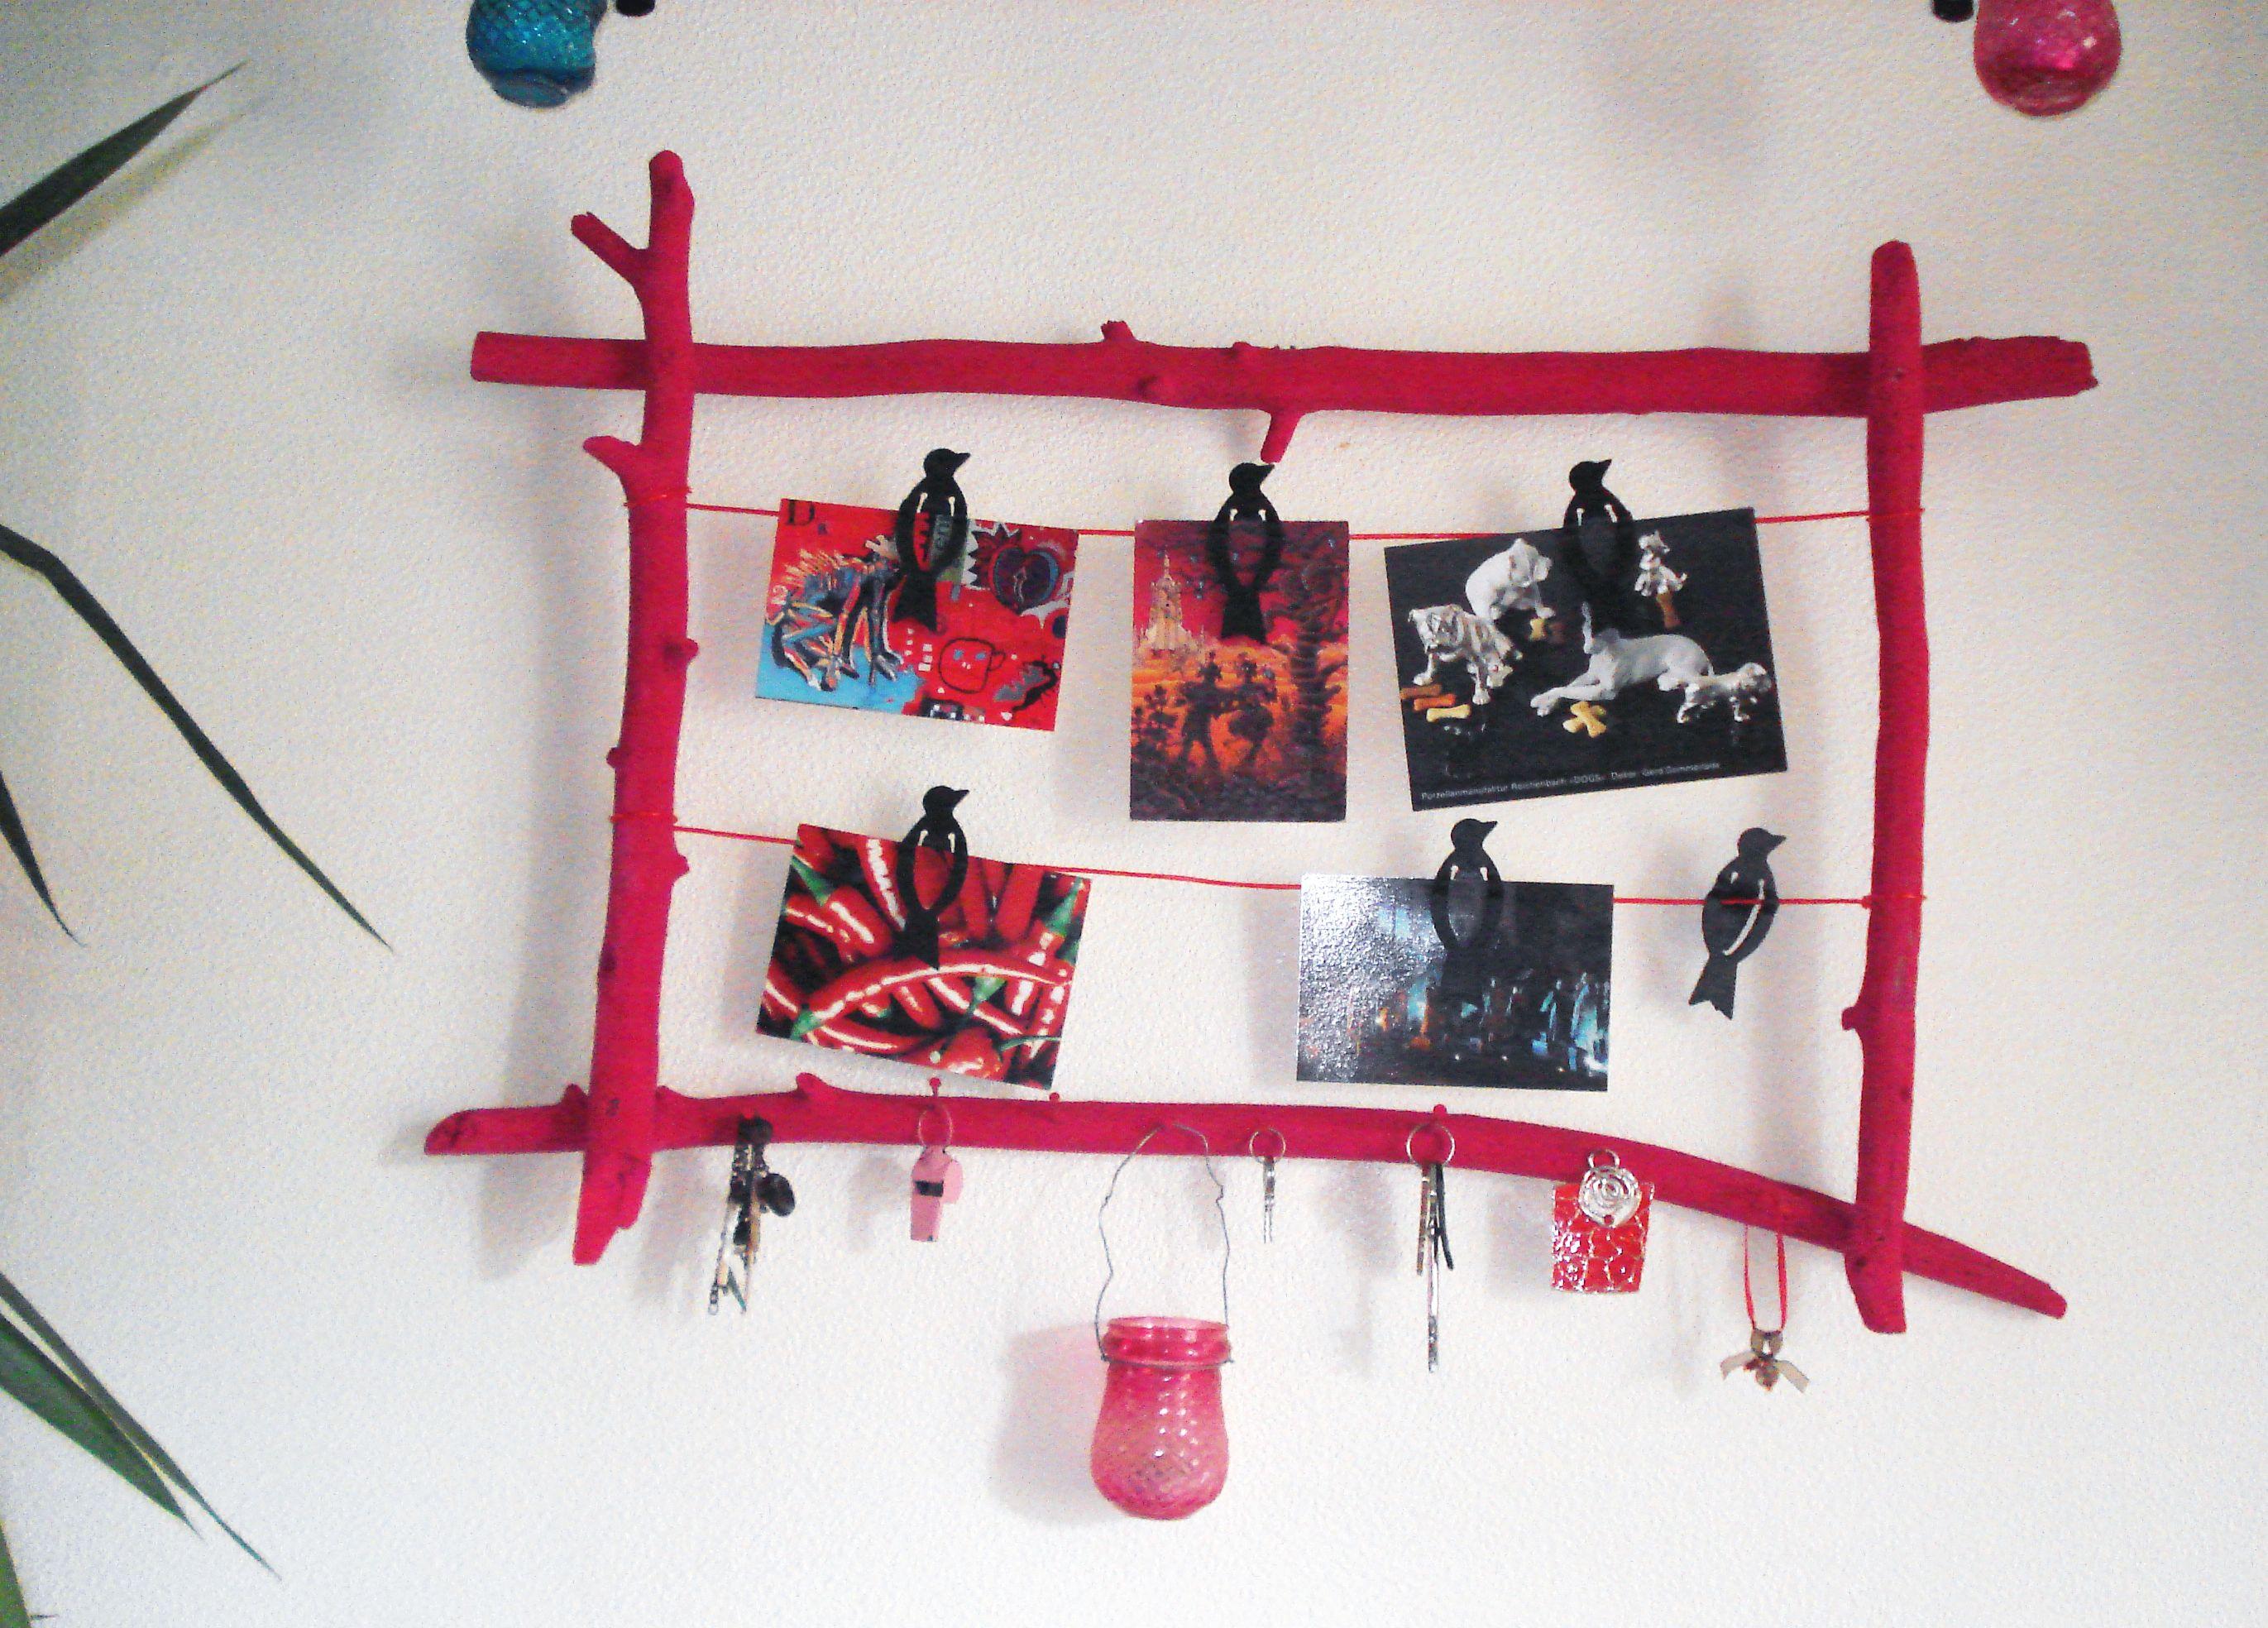 Épinglé par nina pare sur home | Pinterest | Decoration cadre ...